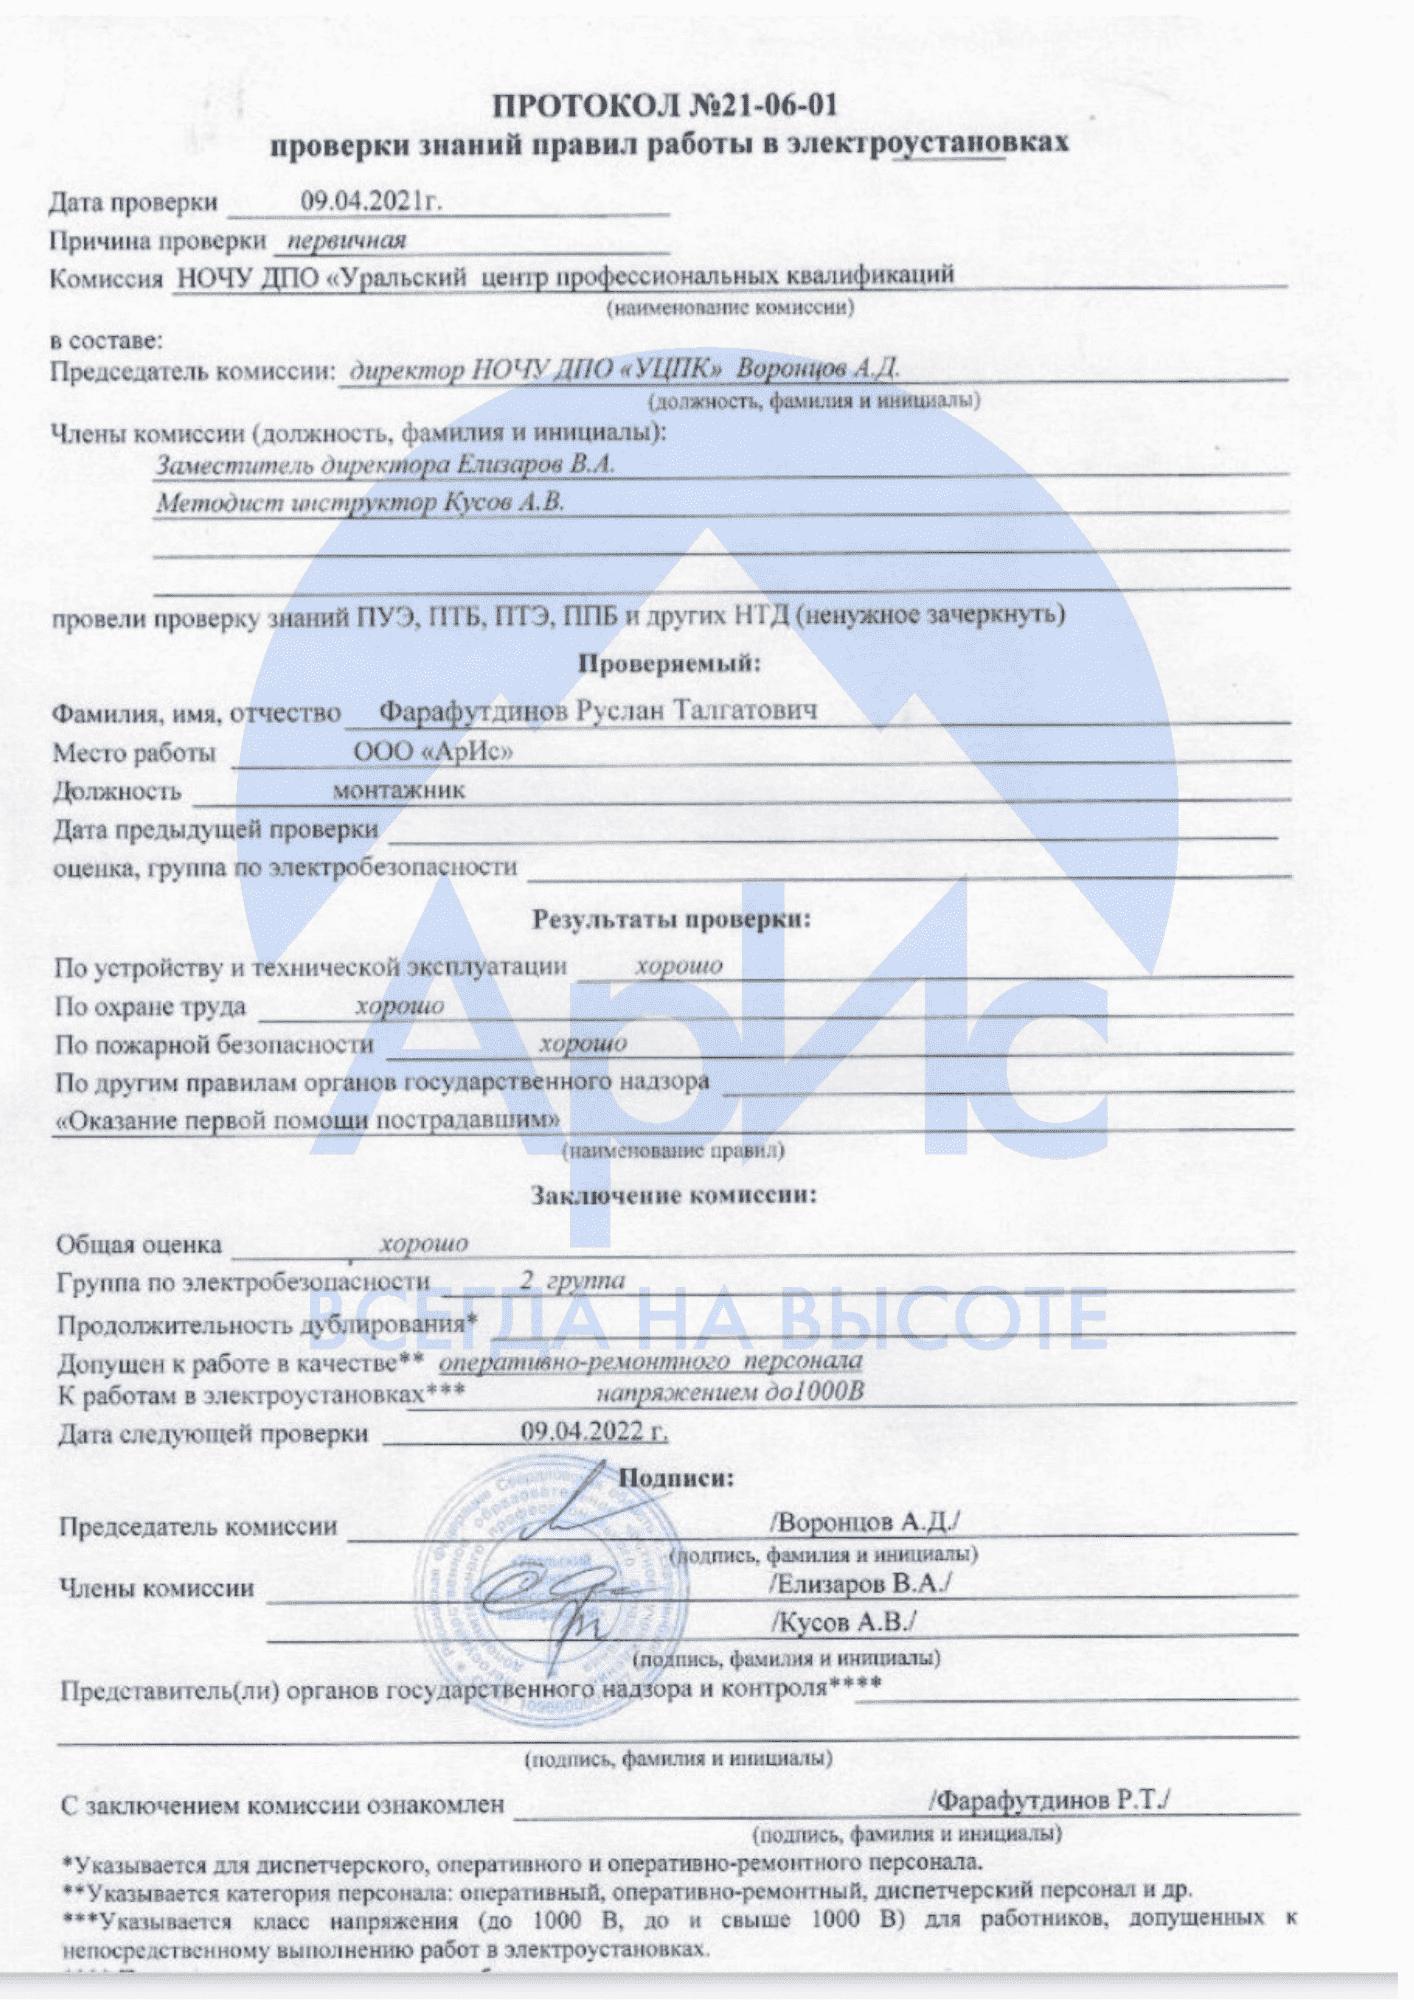 Промышленный альпинист: Фарафутдинов Р.Т. (2 стр.)